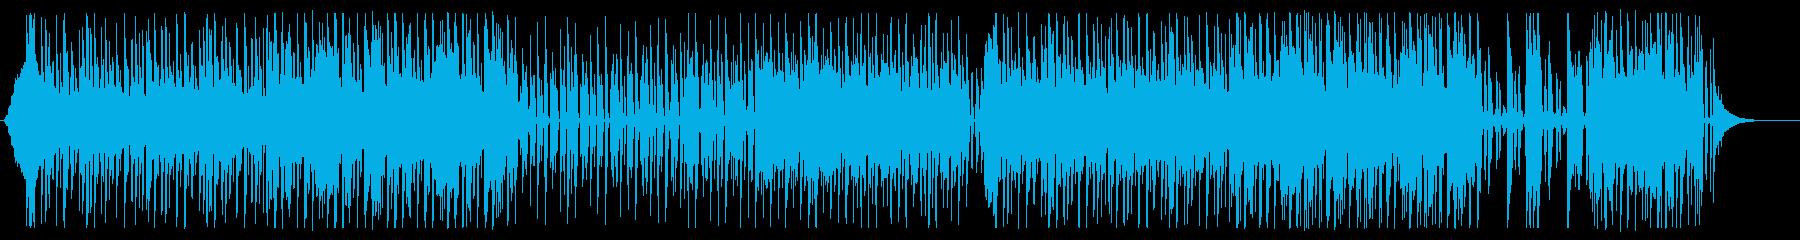 キュートで都会的なエレクトロポップの再生済みの波形